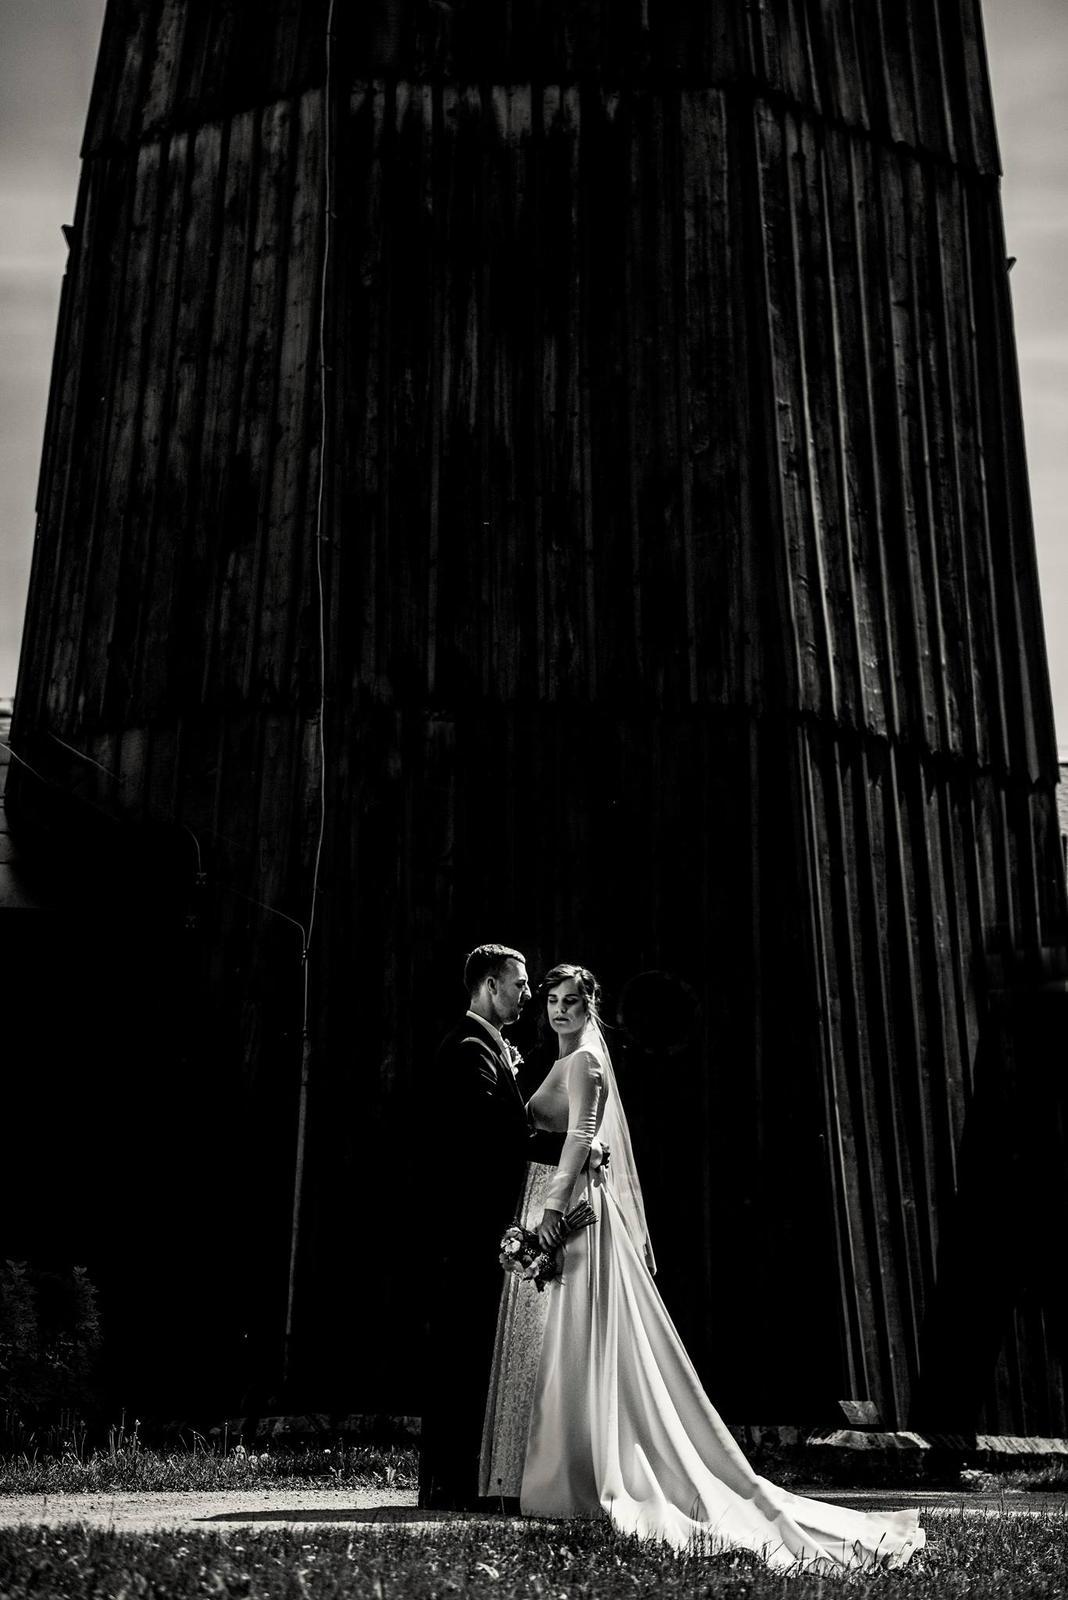 Moje svadobné fotografie - Obrázok č. 13